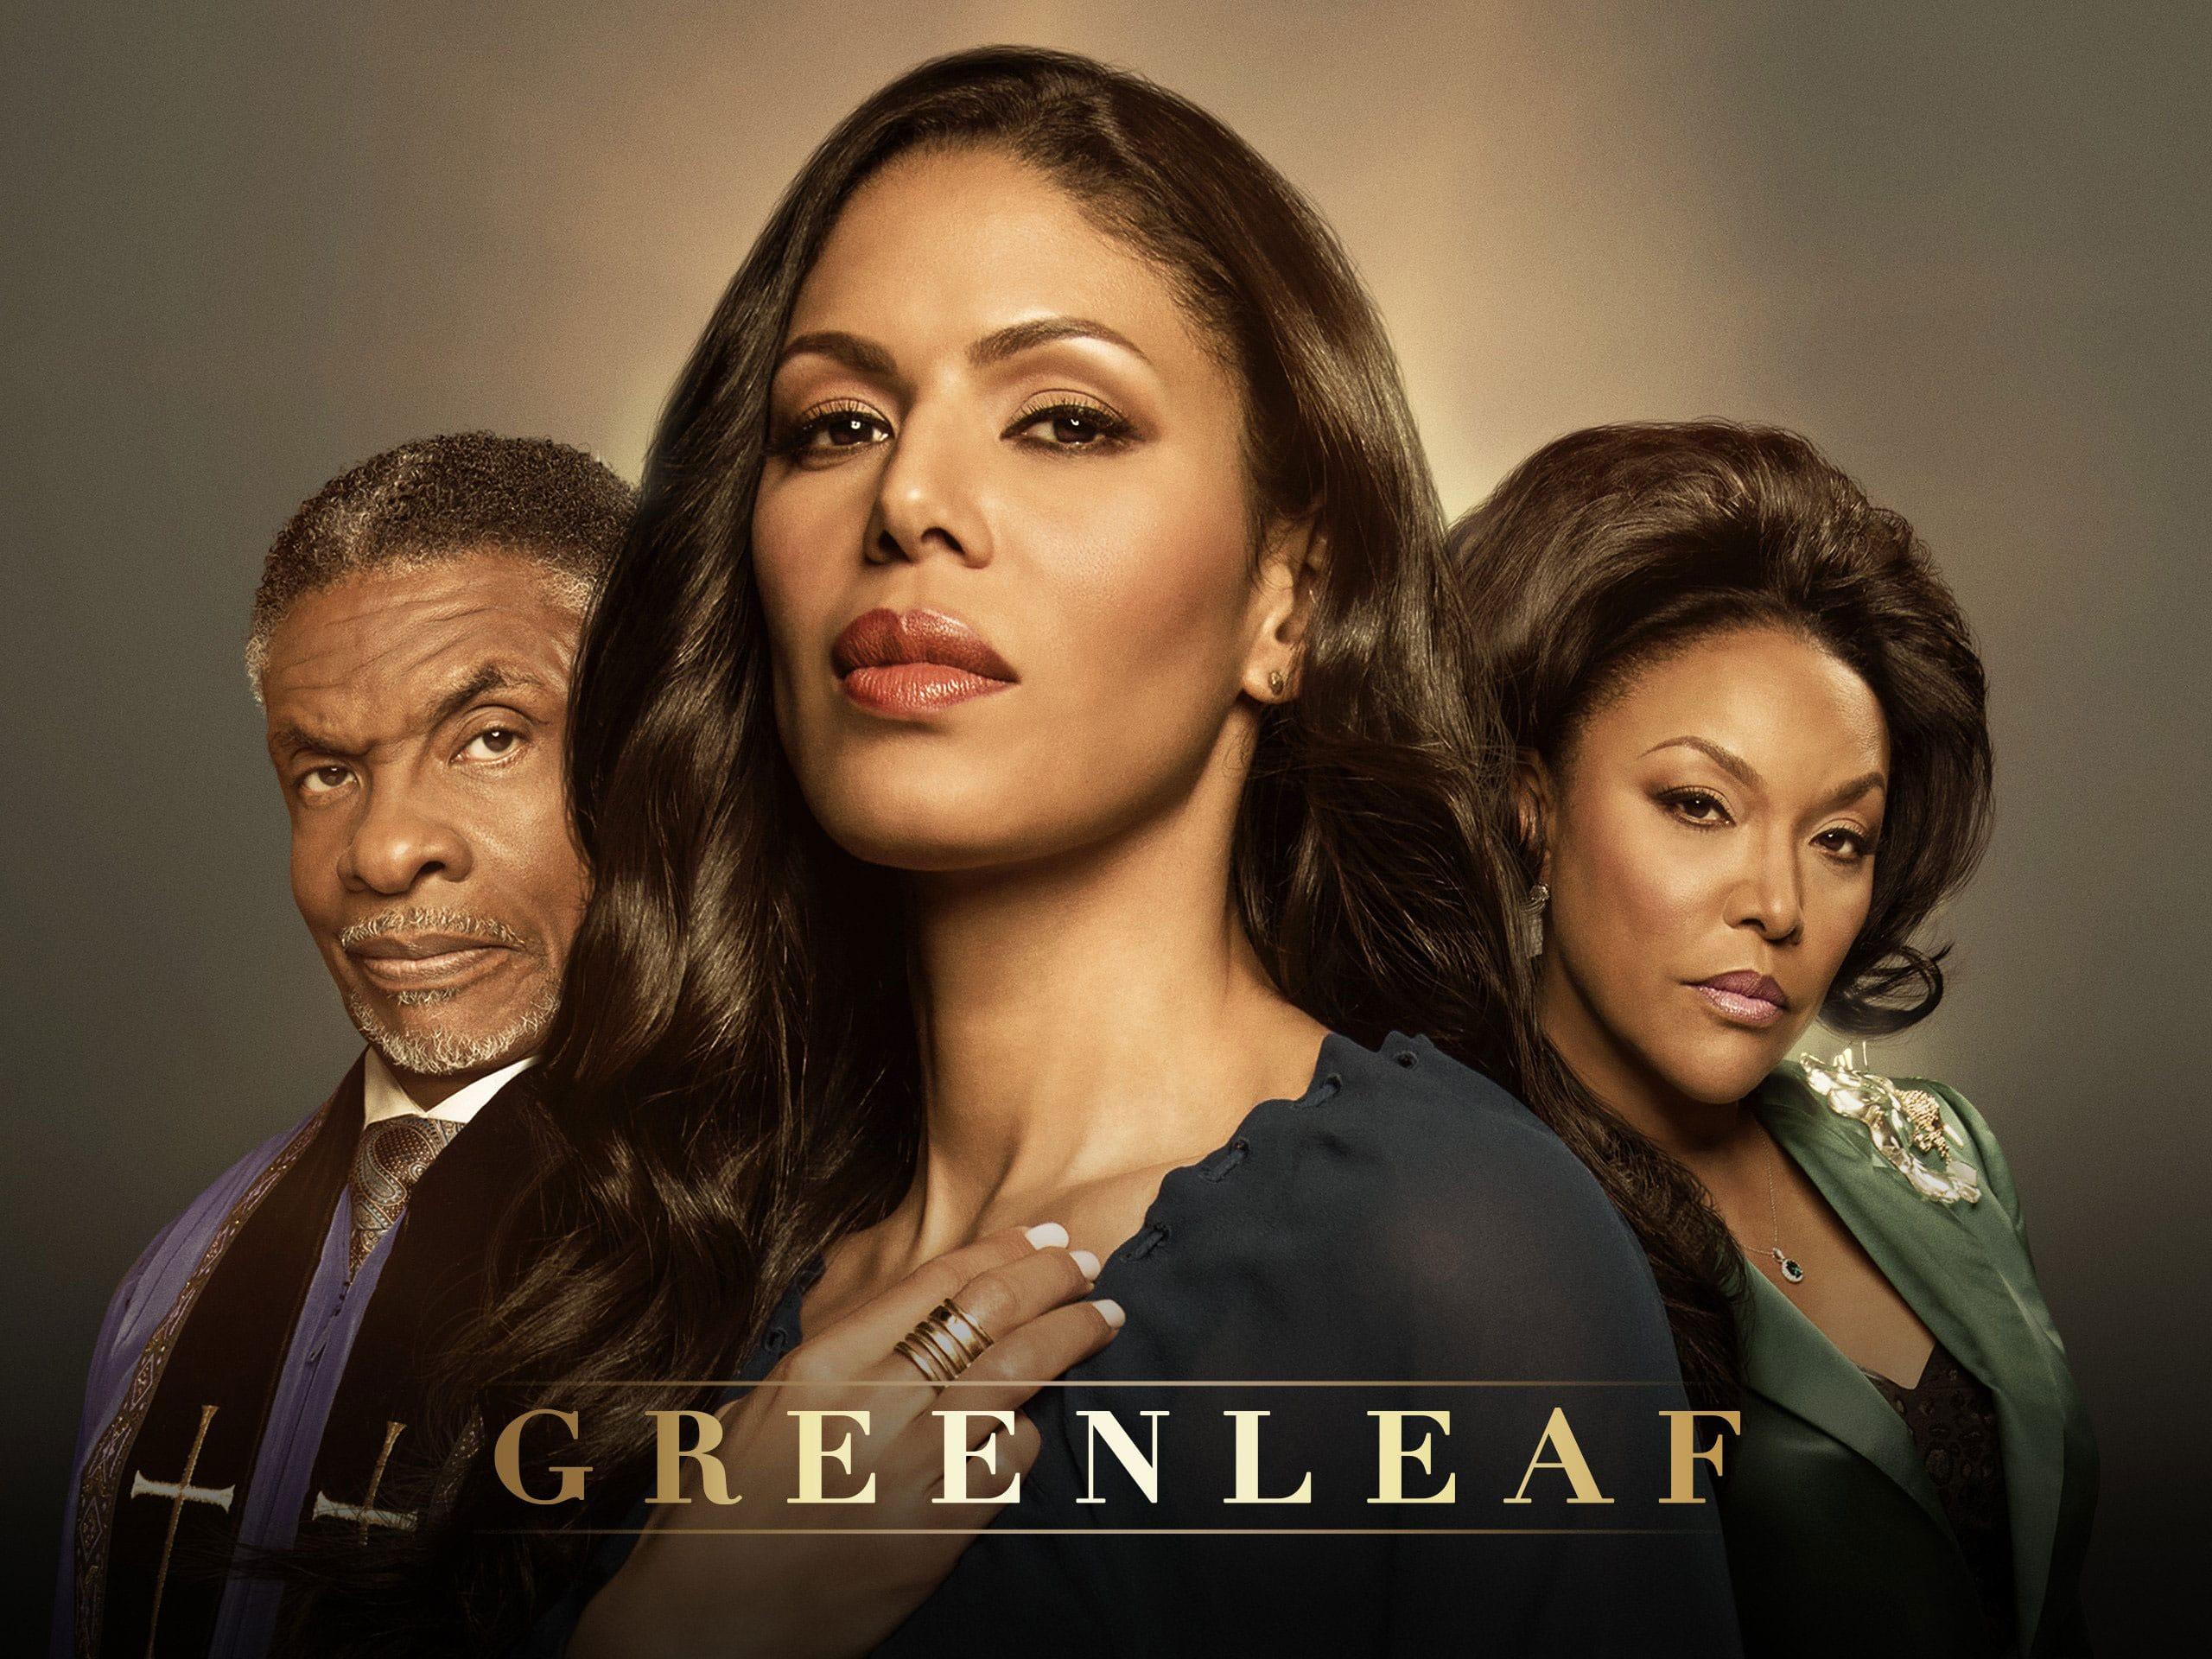 The Greenleaf Season 5